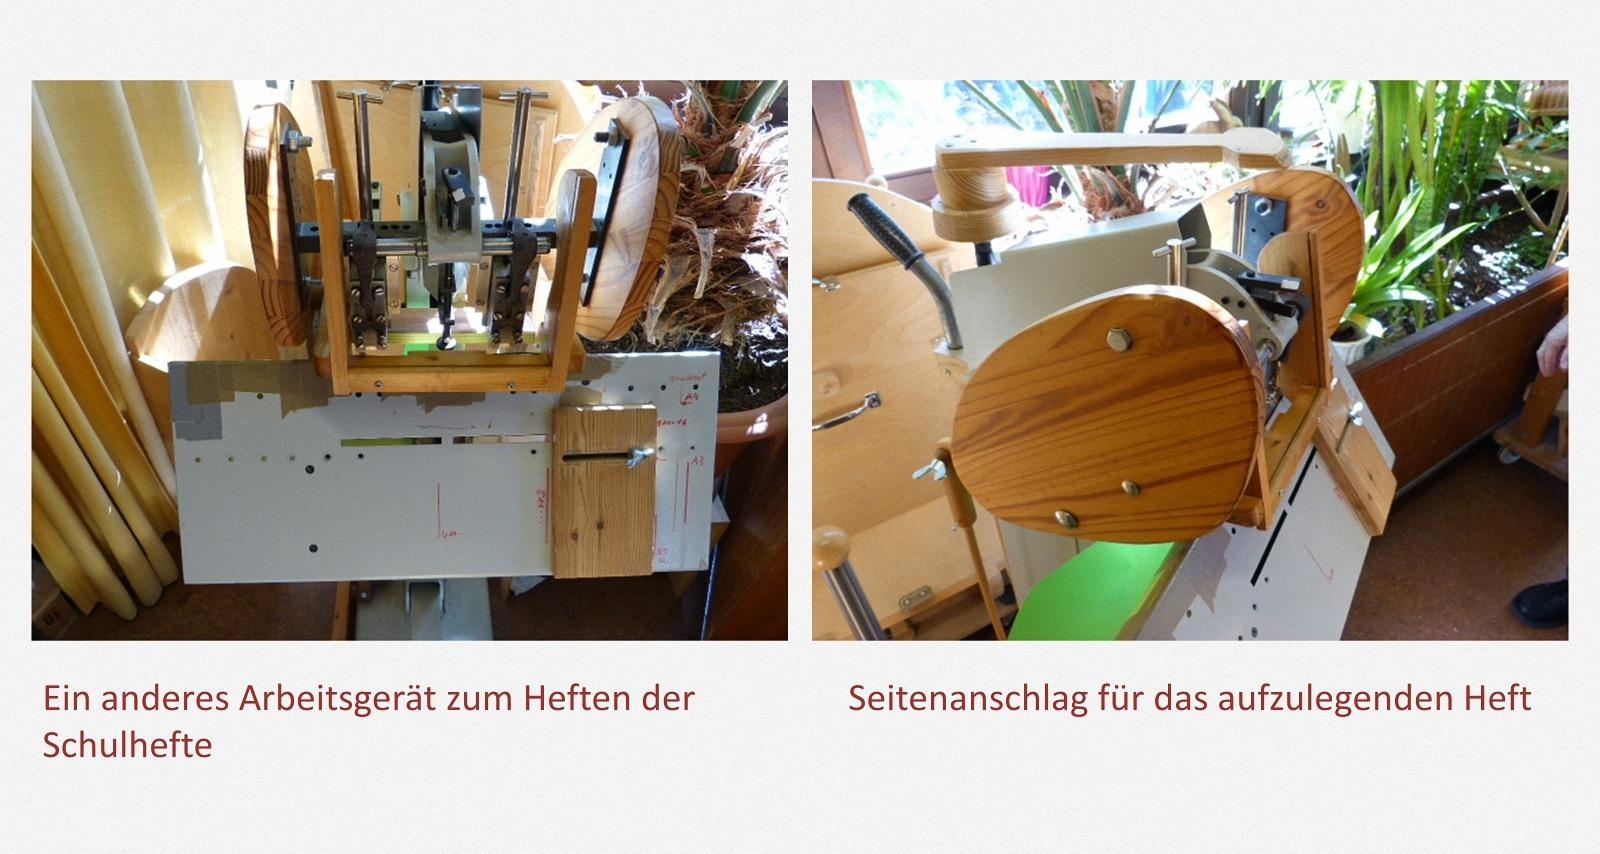 Schulhefte klammern Karl-Schubert-Werkstätten – Filderstadt Papierwerkstatt